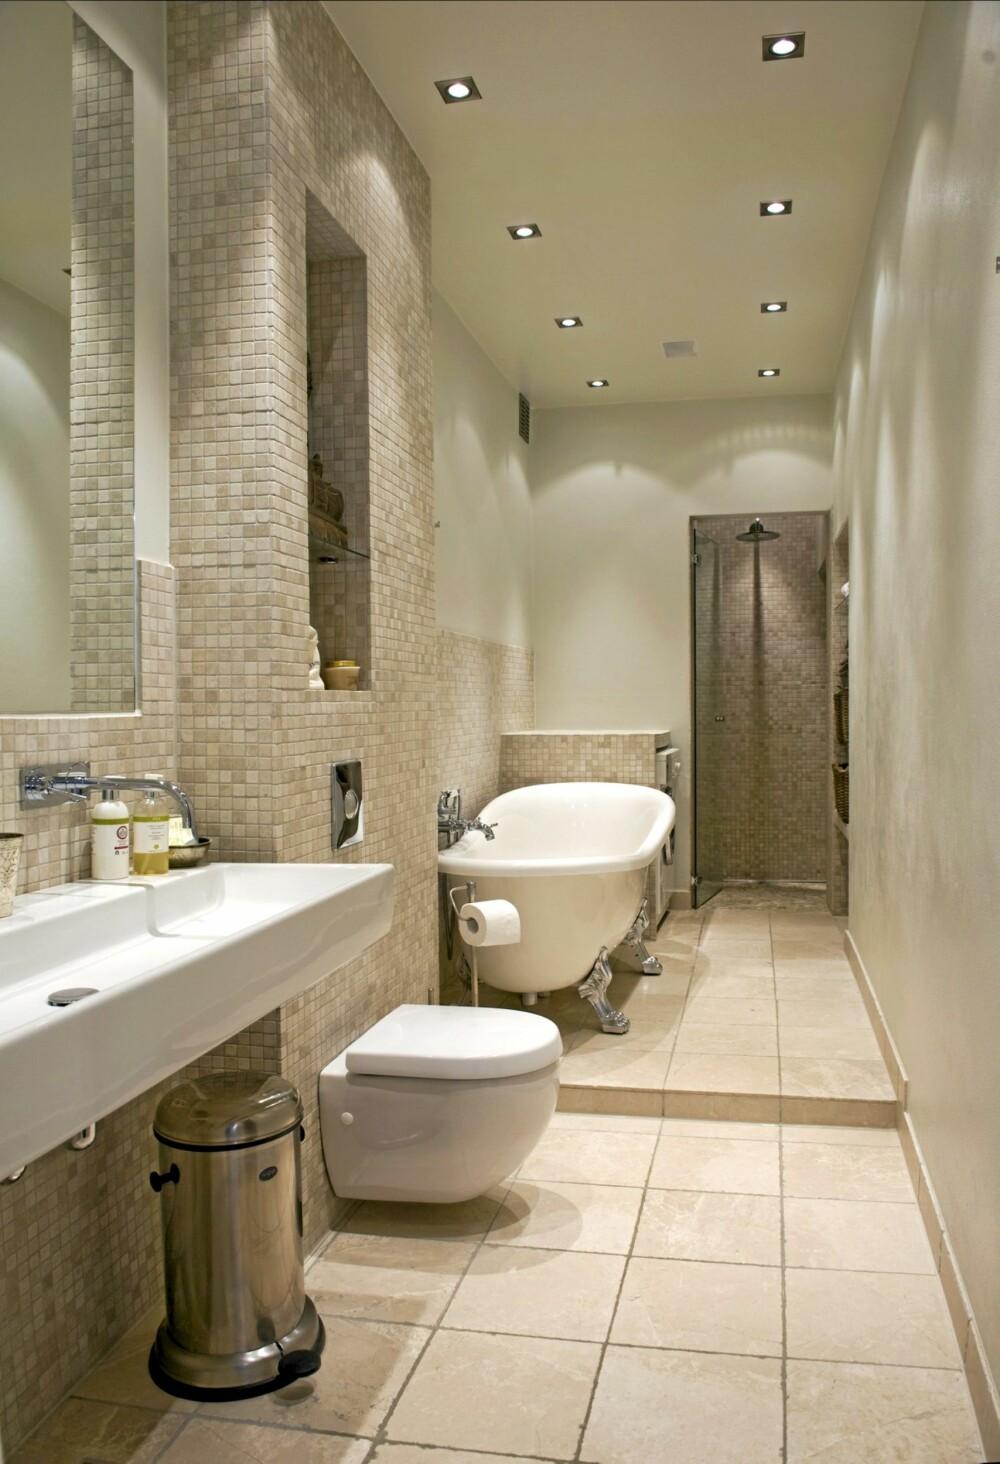 ETTER FORVANDLINGEN: Det er ikke lett å kjenne igjen badet hvis man sammenligner med hvordan det var. Dette oser spa og velvære.